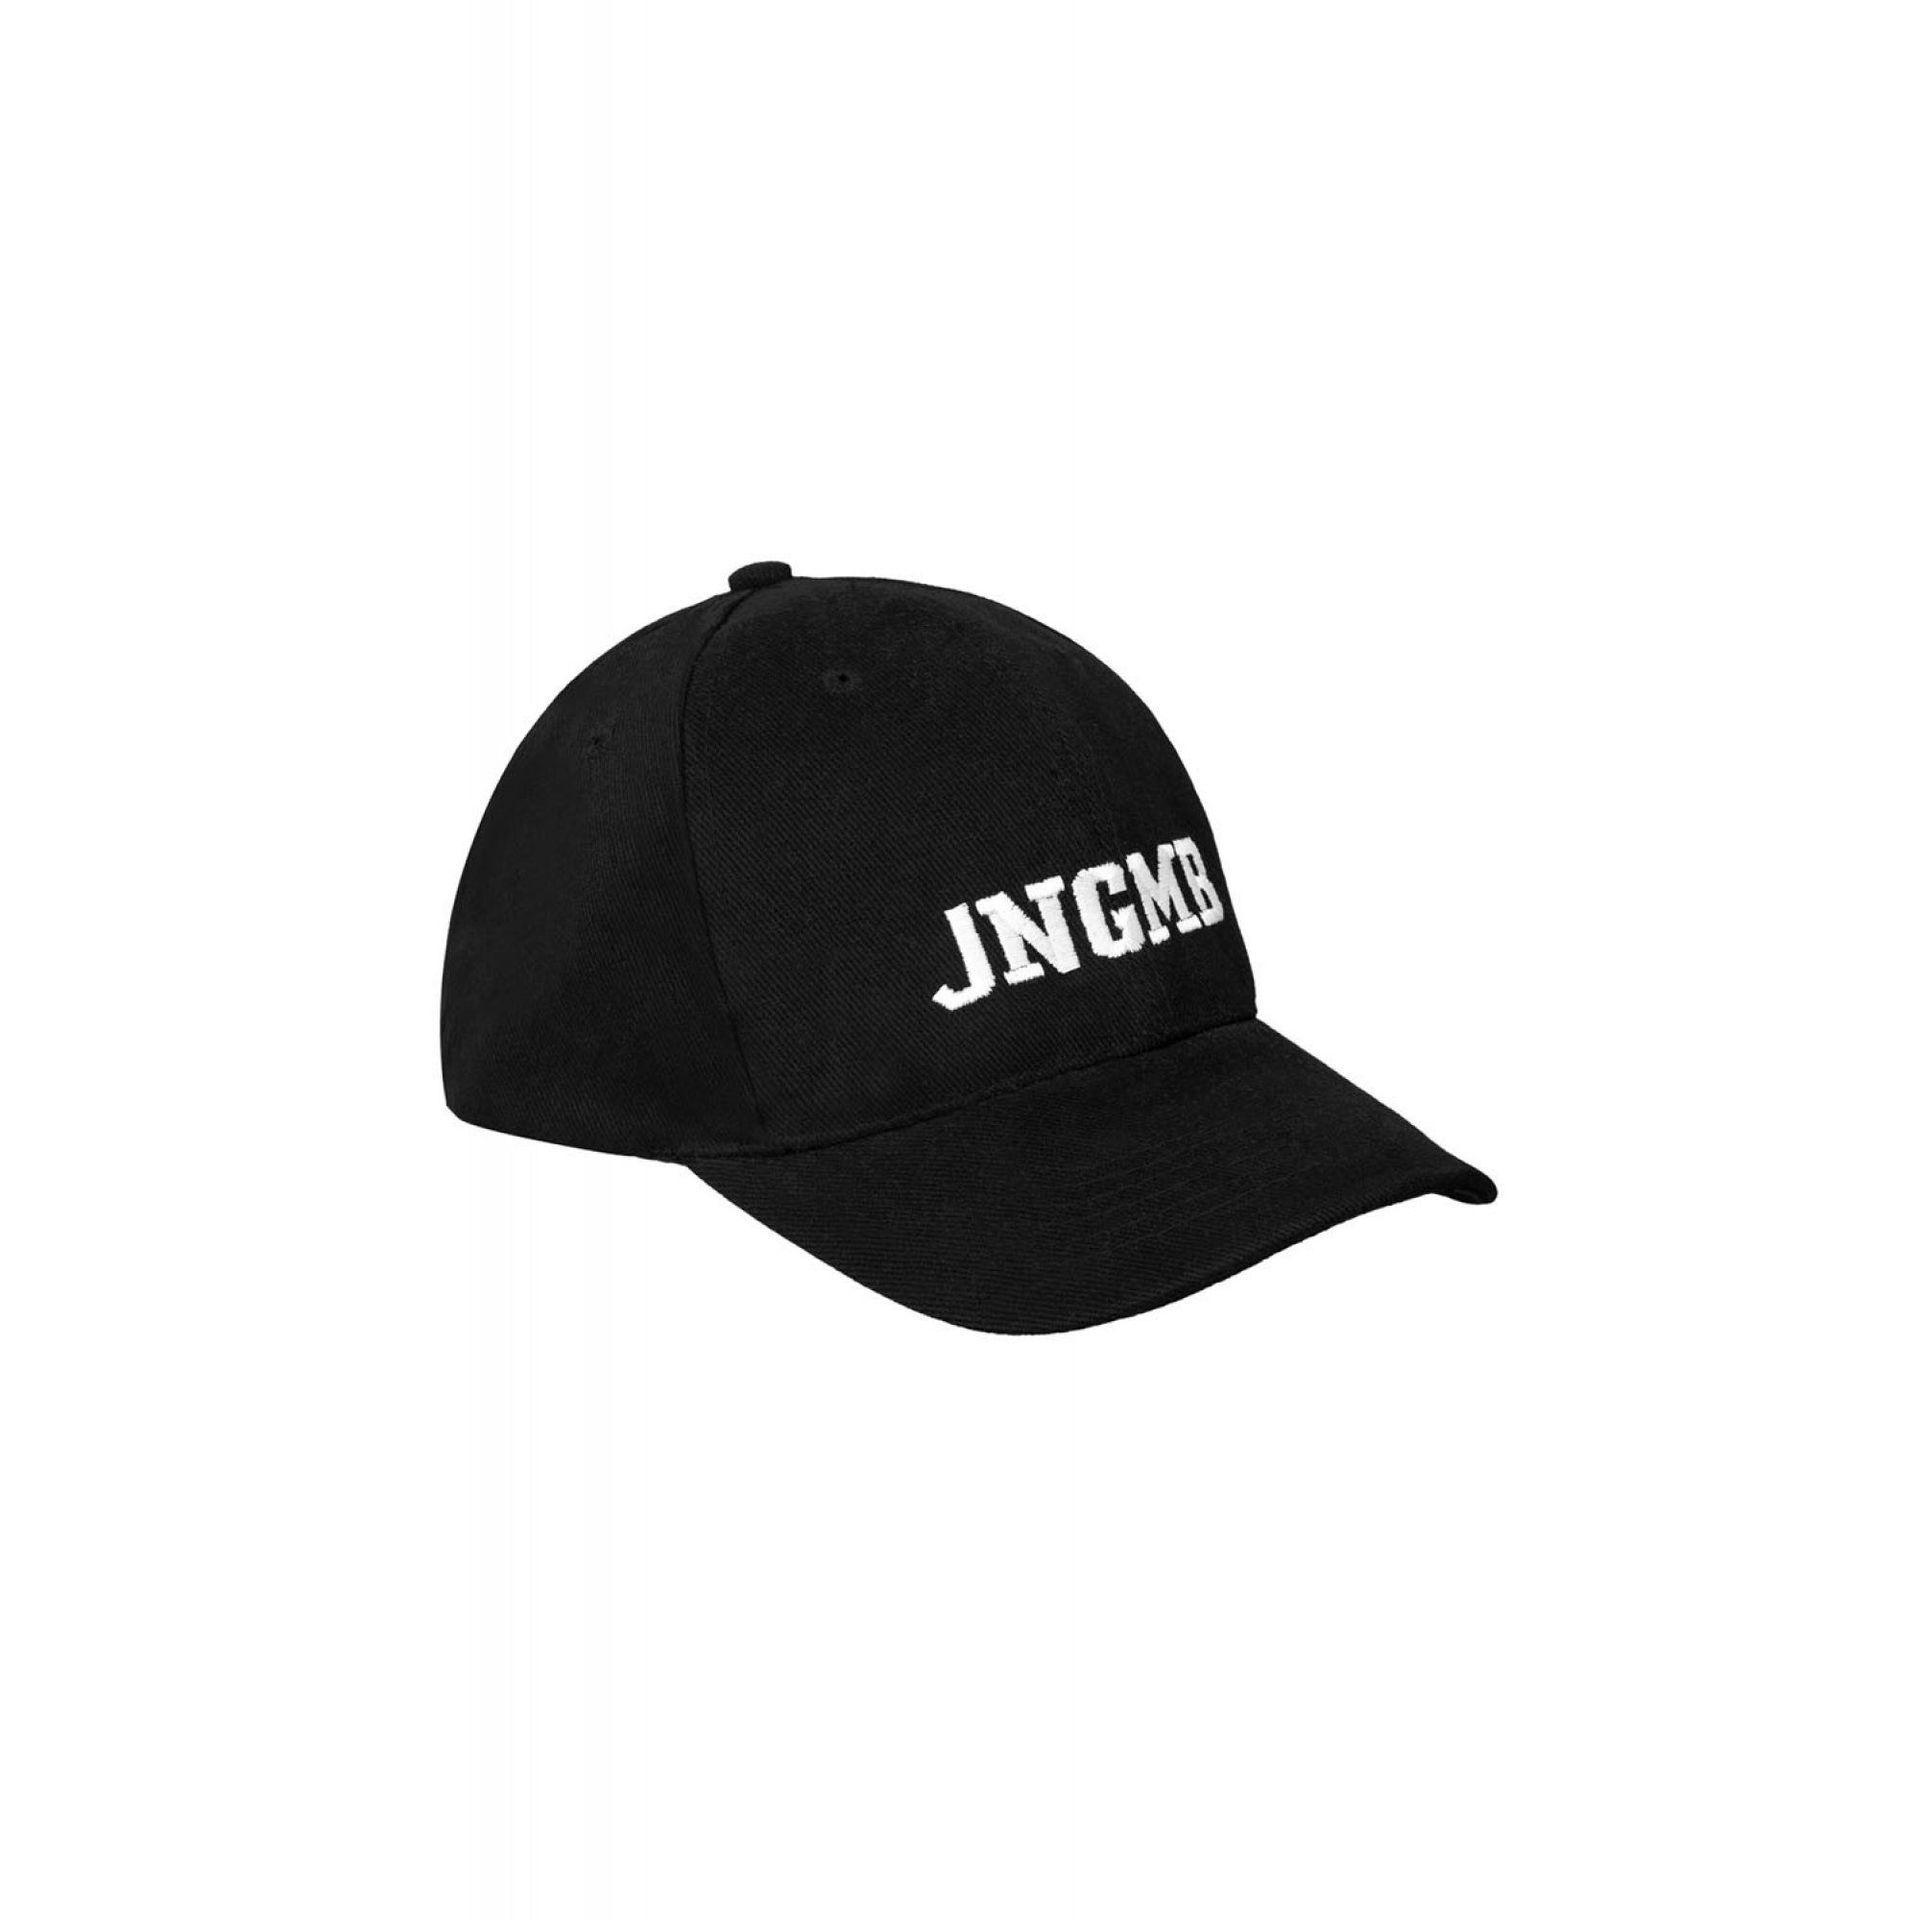 CZAPKA Z DASZKIEM JUNGMOB JNGMB BLACK 1